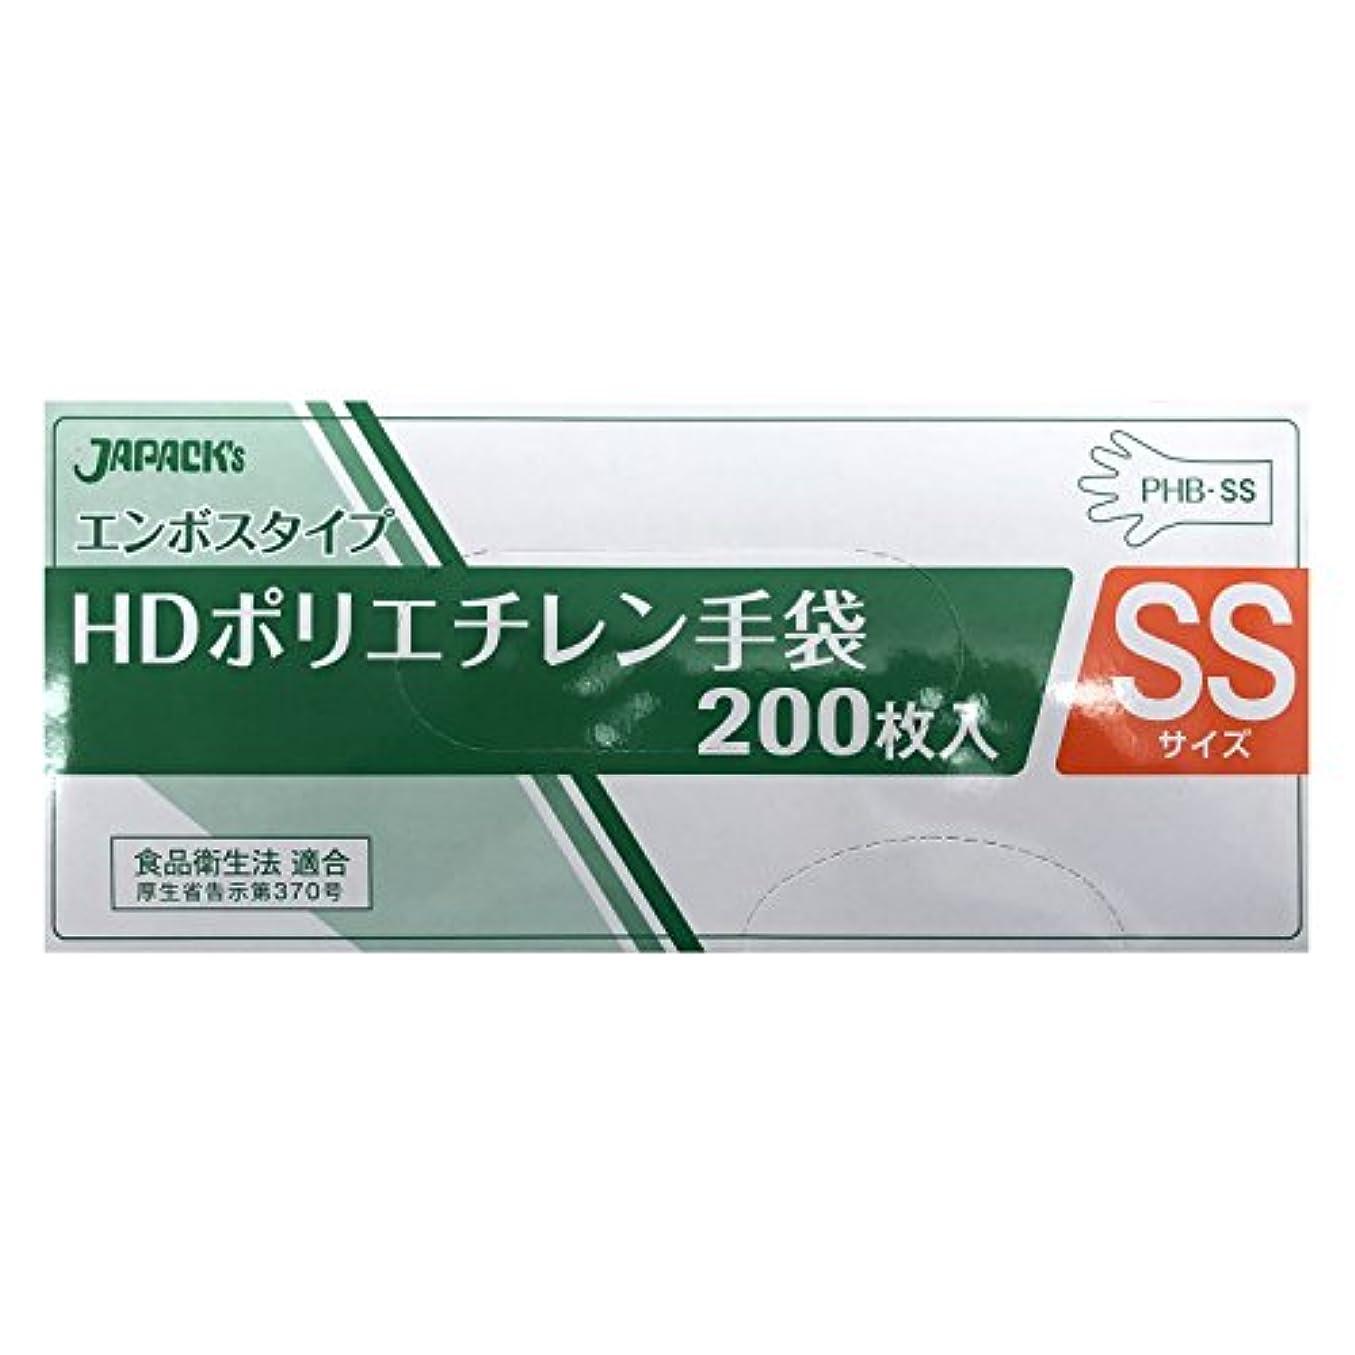 推測のヒープ海港エンボスタイプ HDポリエチレン手袋 SSサイズ BOX 200枚入 無着色 PHB-SS